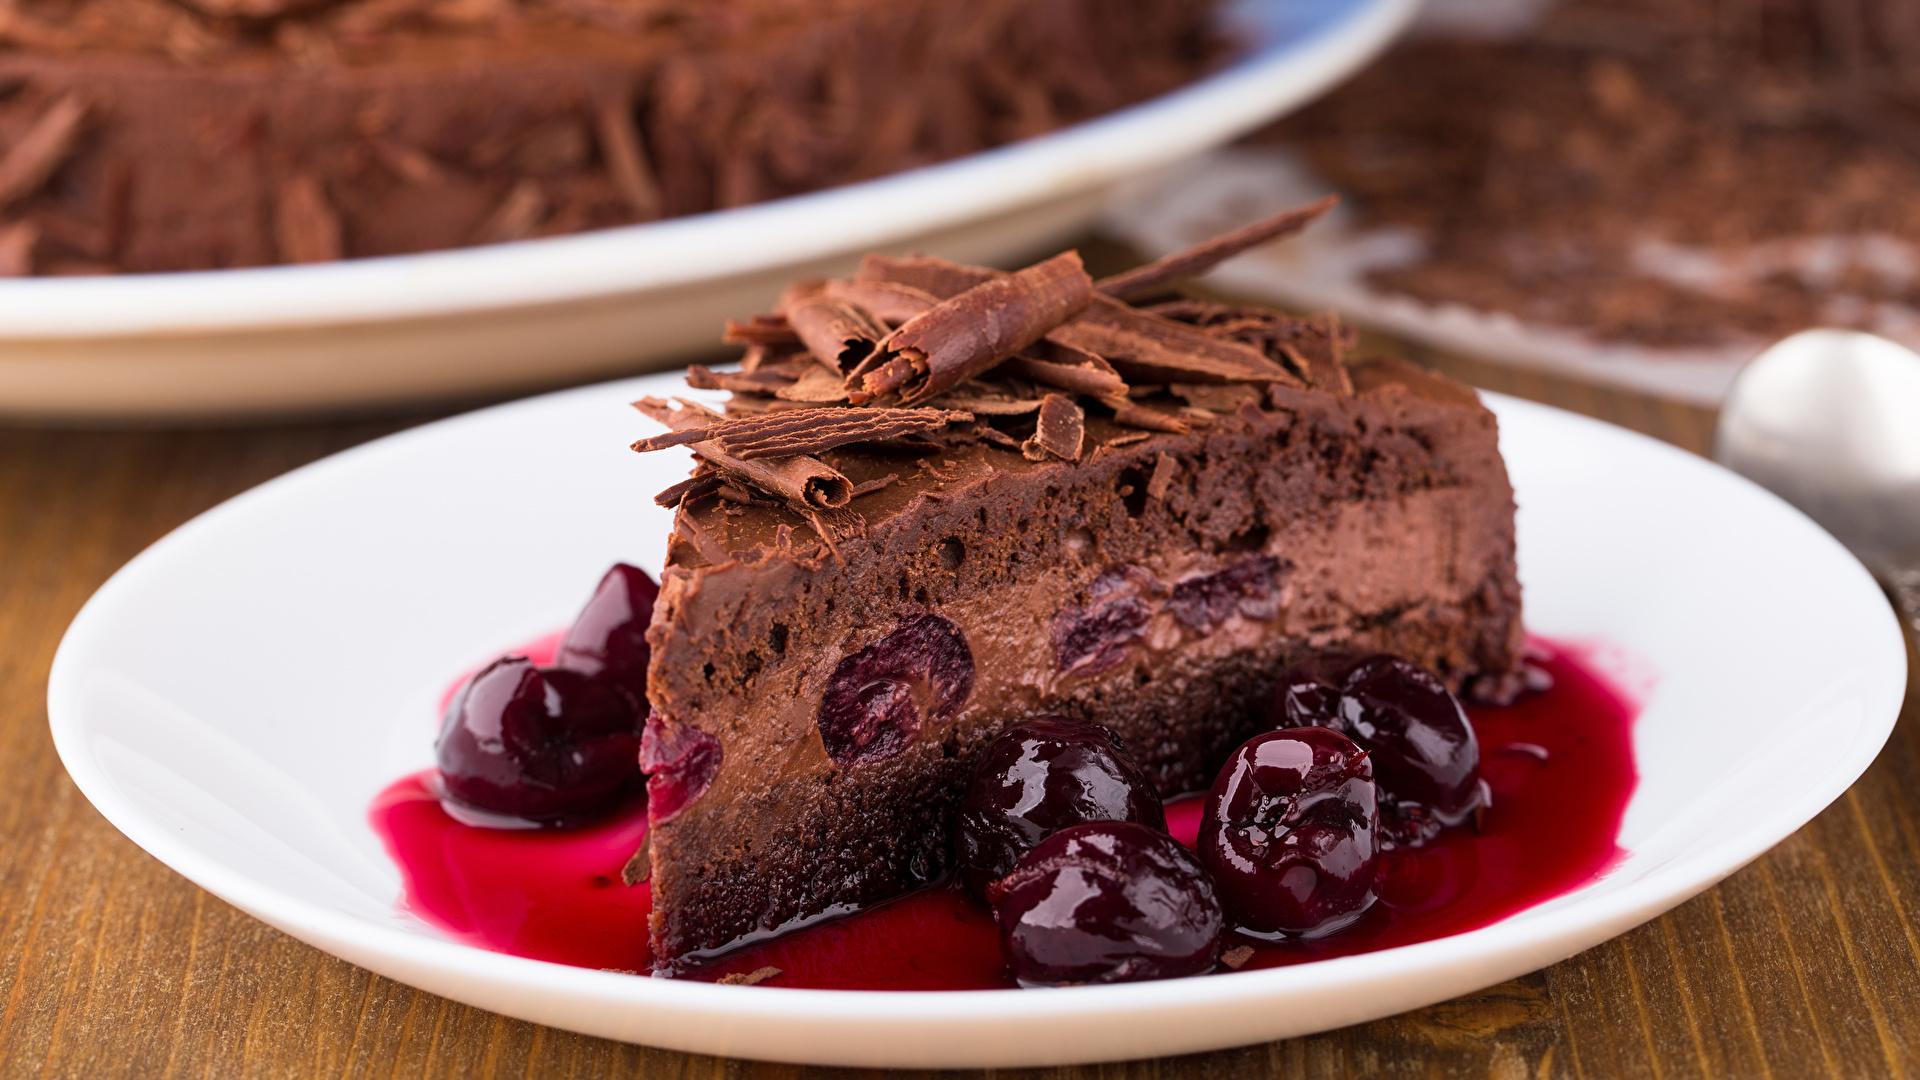 Картинки Шоколад Торты Кусок Вишня Пища 1920x1080 часть кусочки кусочек Черешня Еда Продукты питания